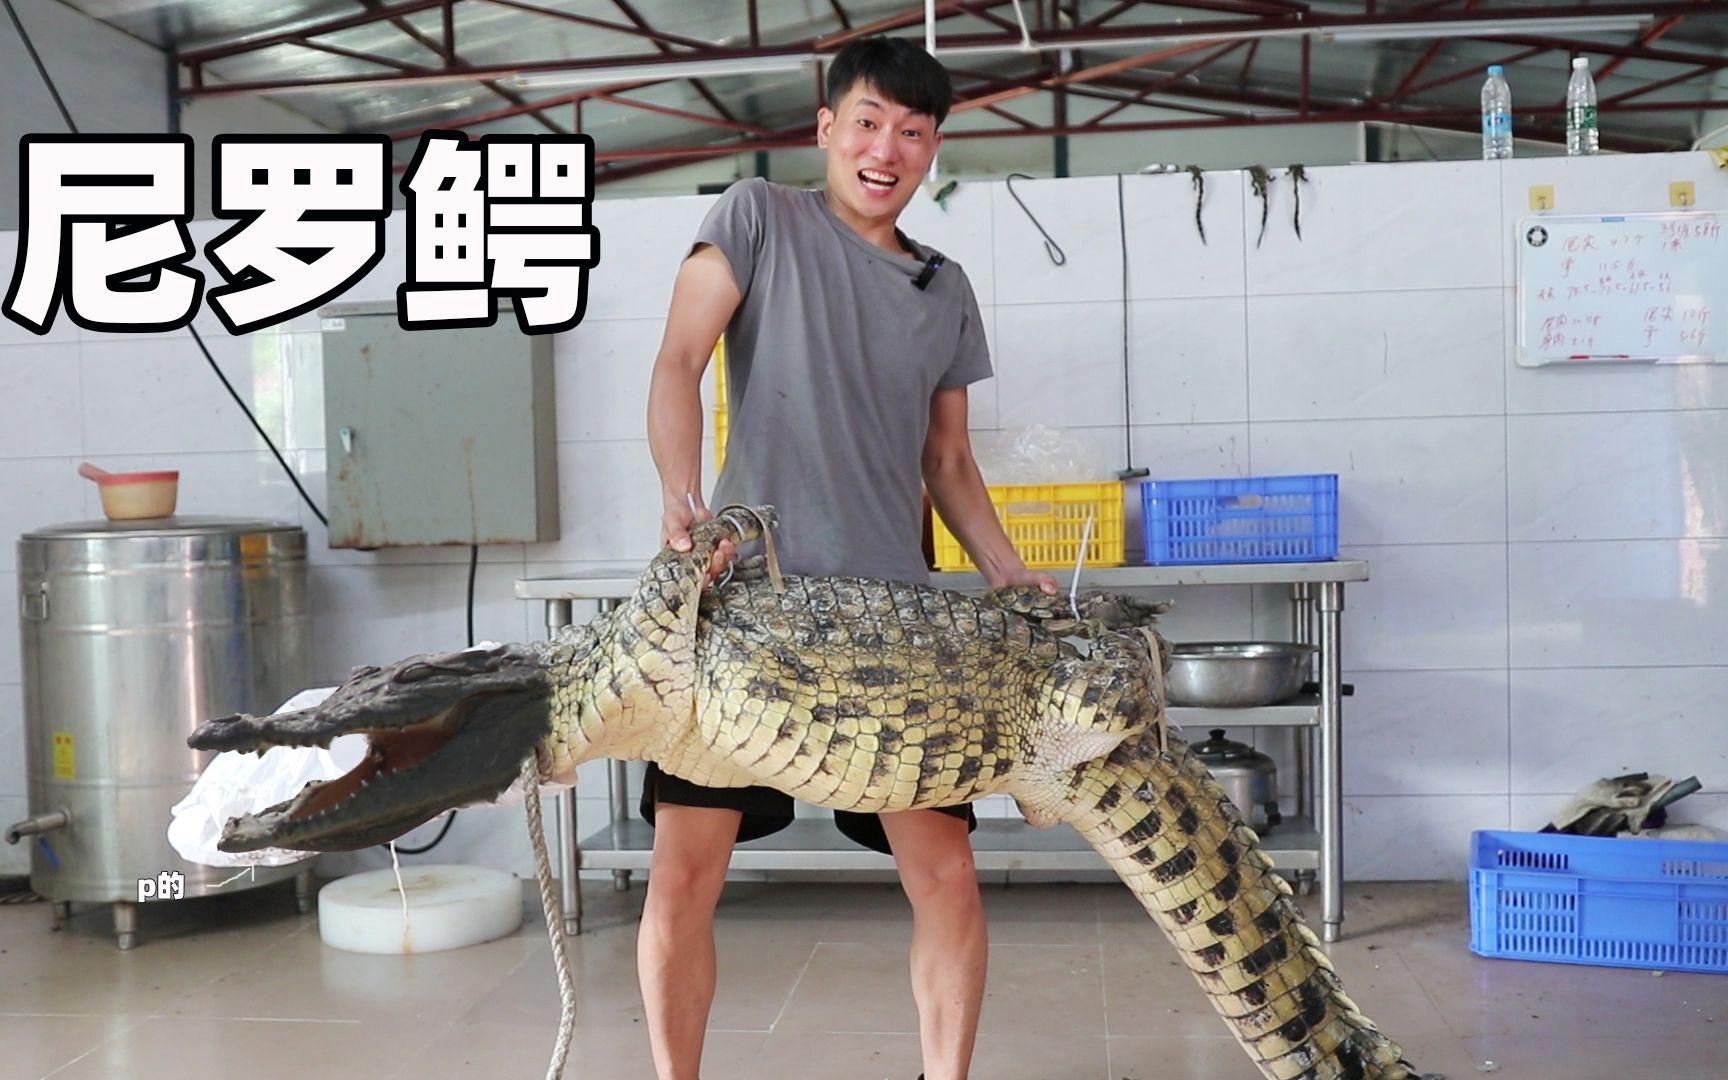 到鳄鱼场抓条上100斤尼罗鳄, 做红烧鳄鱼腩有多美味?  鳄鱼鞭 却被小俊哥吃了